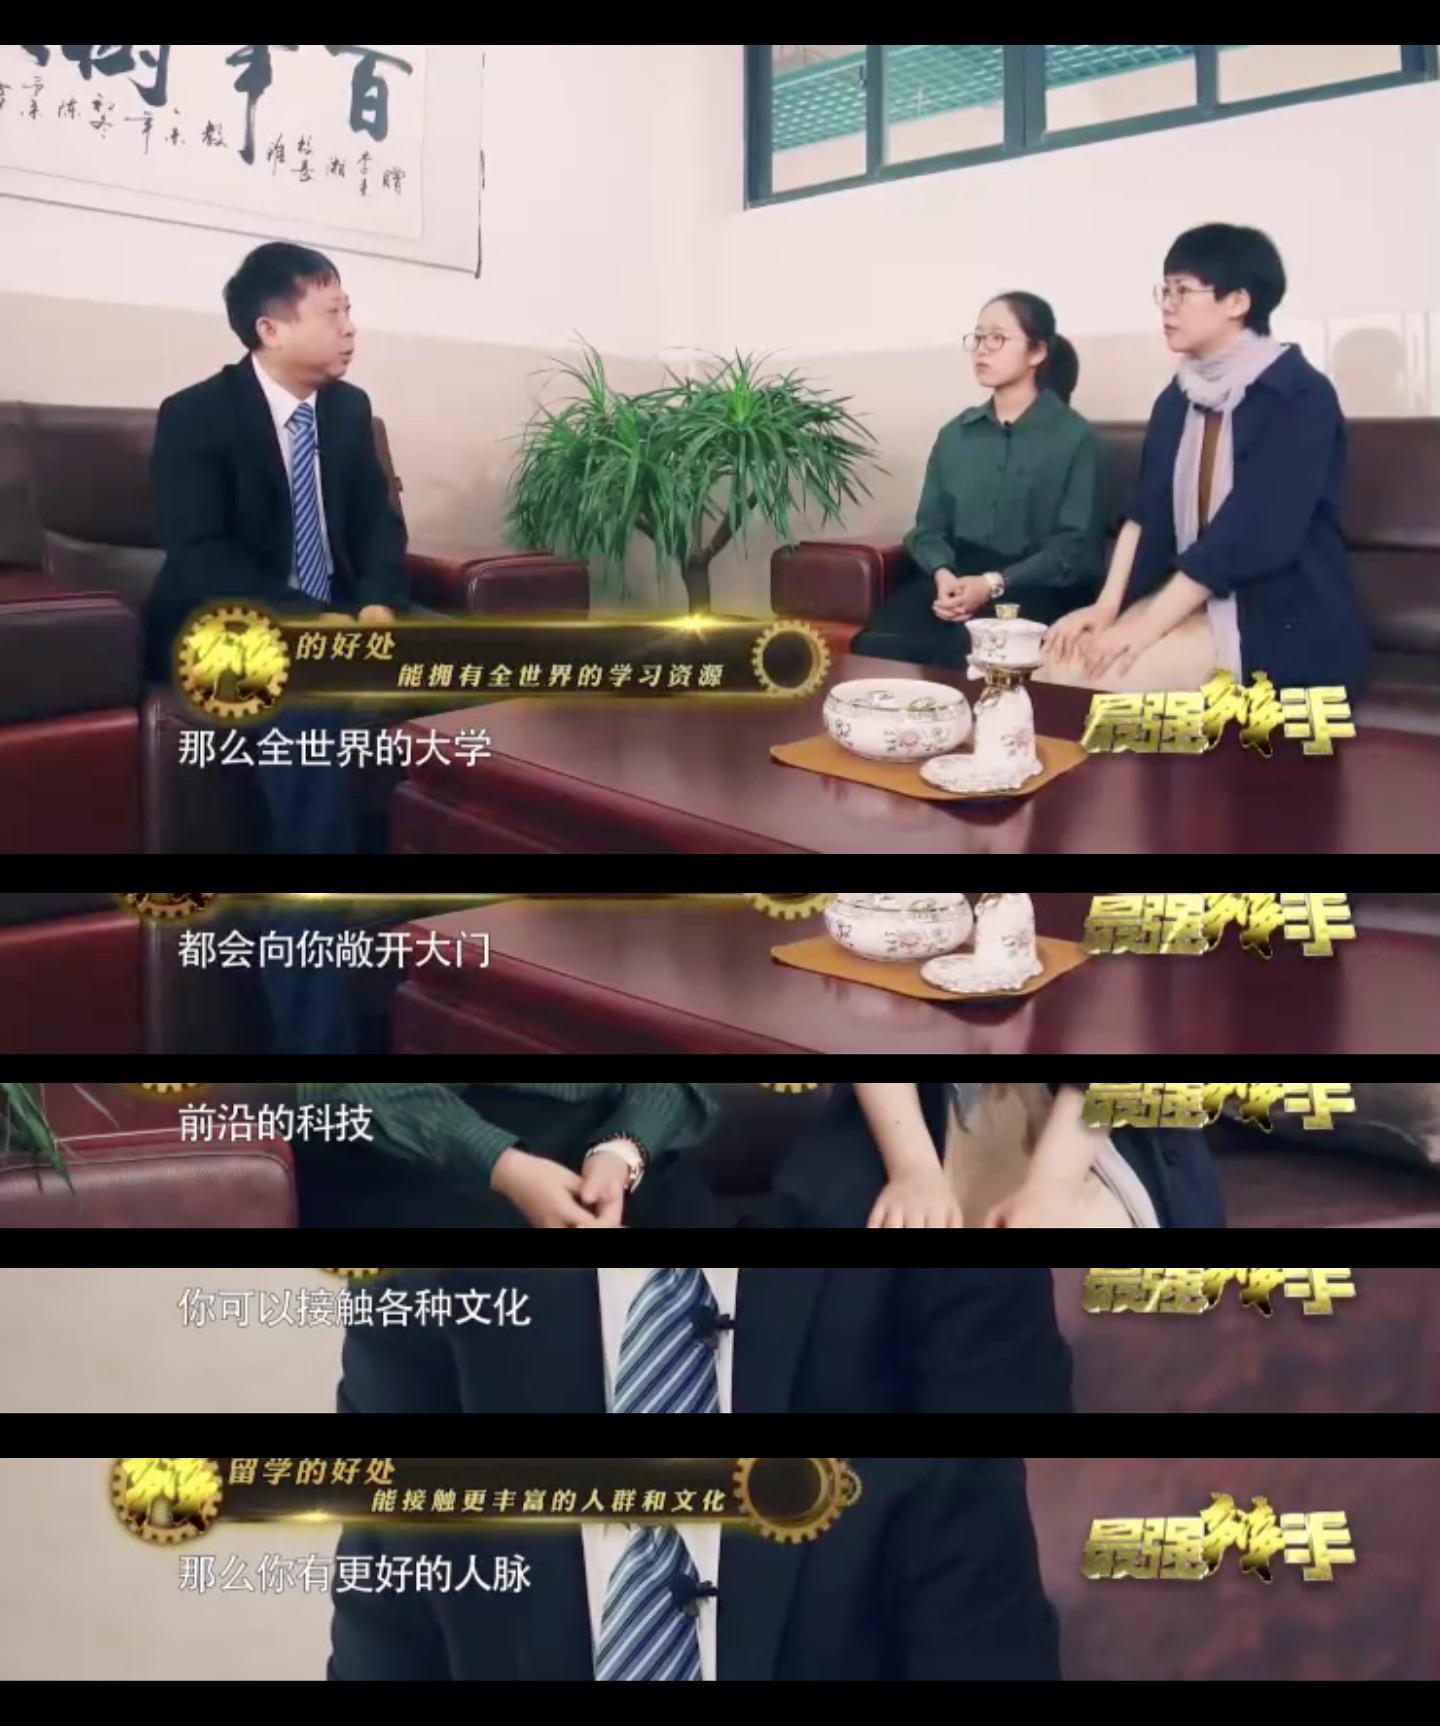 """《最强辩手》陈铭组内淘汰赛:""""非正""""三人重聚助阵咽喉洞"""